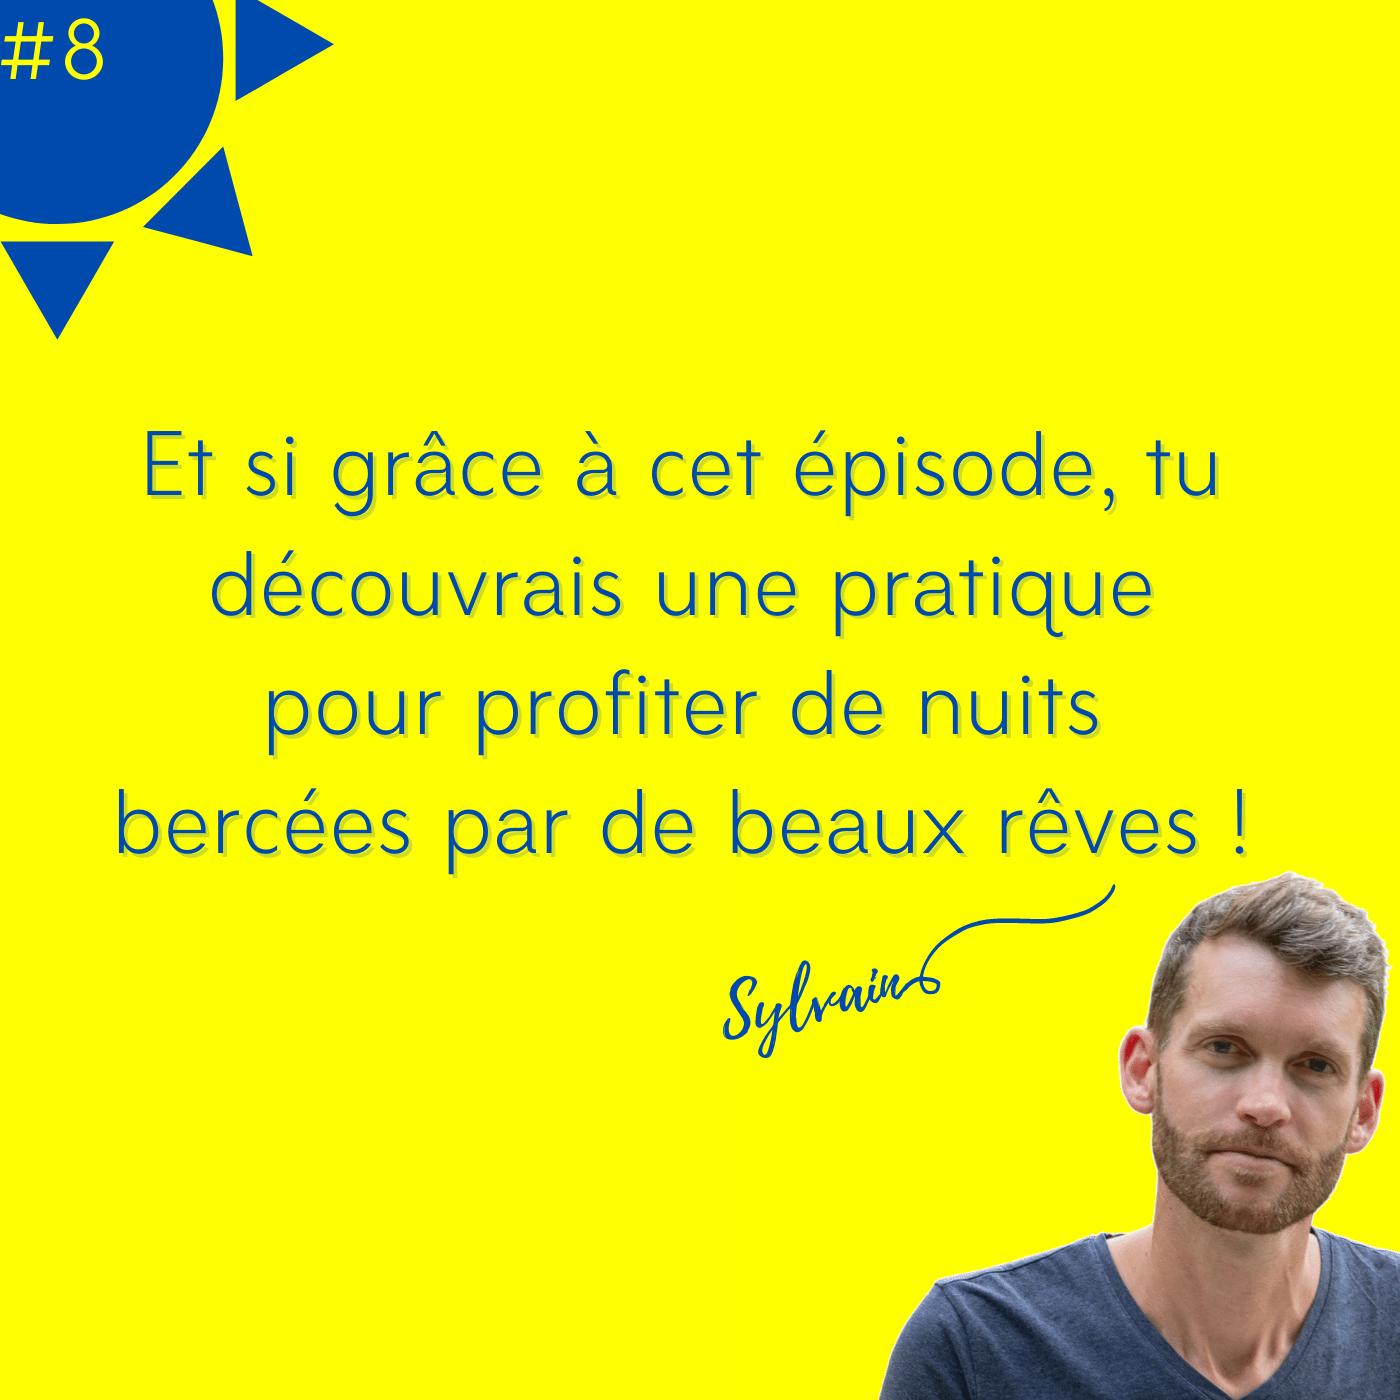 episode S1E90